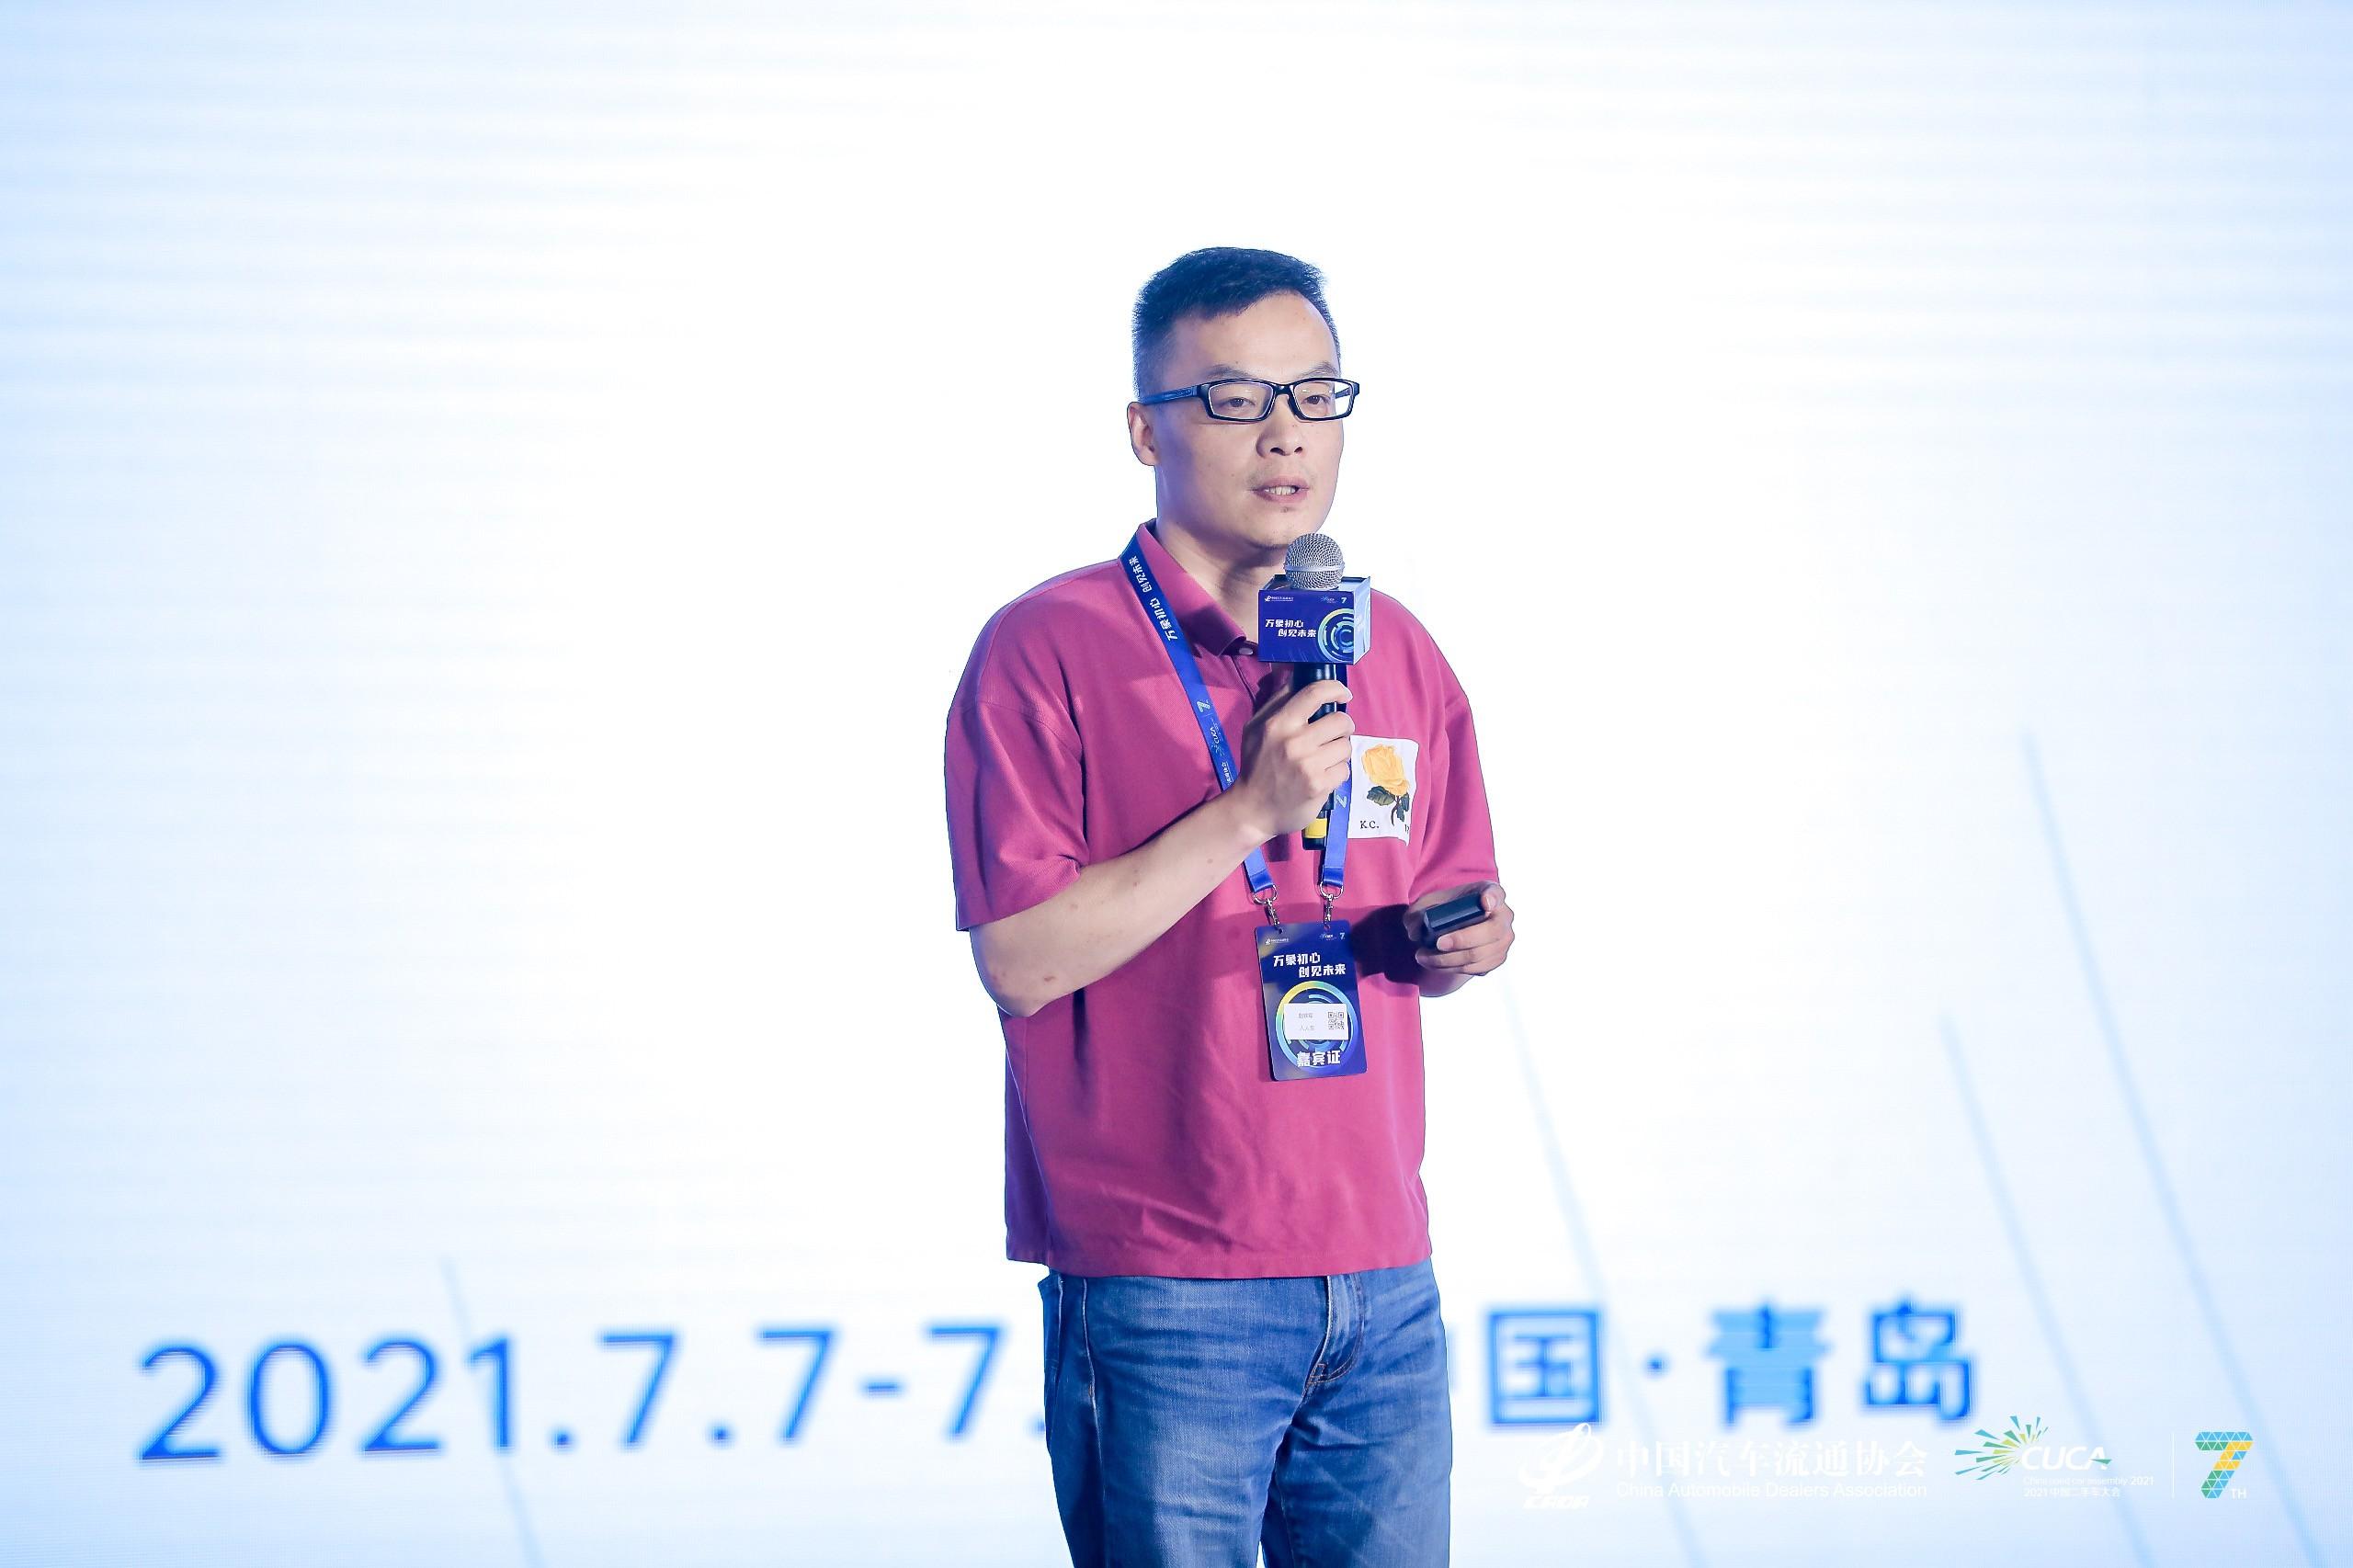 58同城副总裁赵铁军:在开放中创造机遇,携手生态伙伴助力二手车行业发展